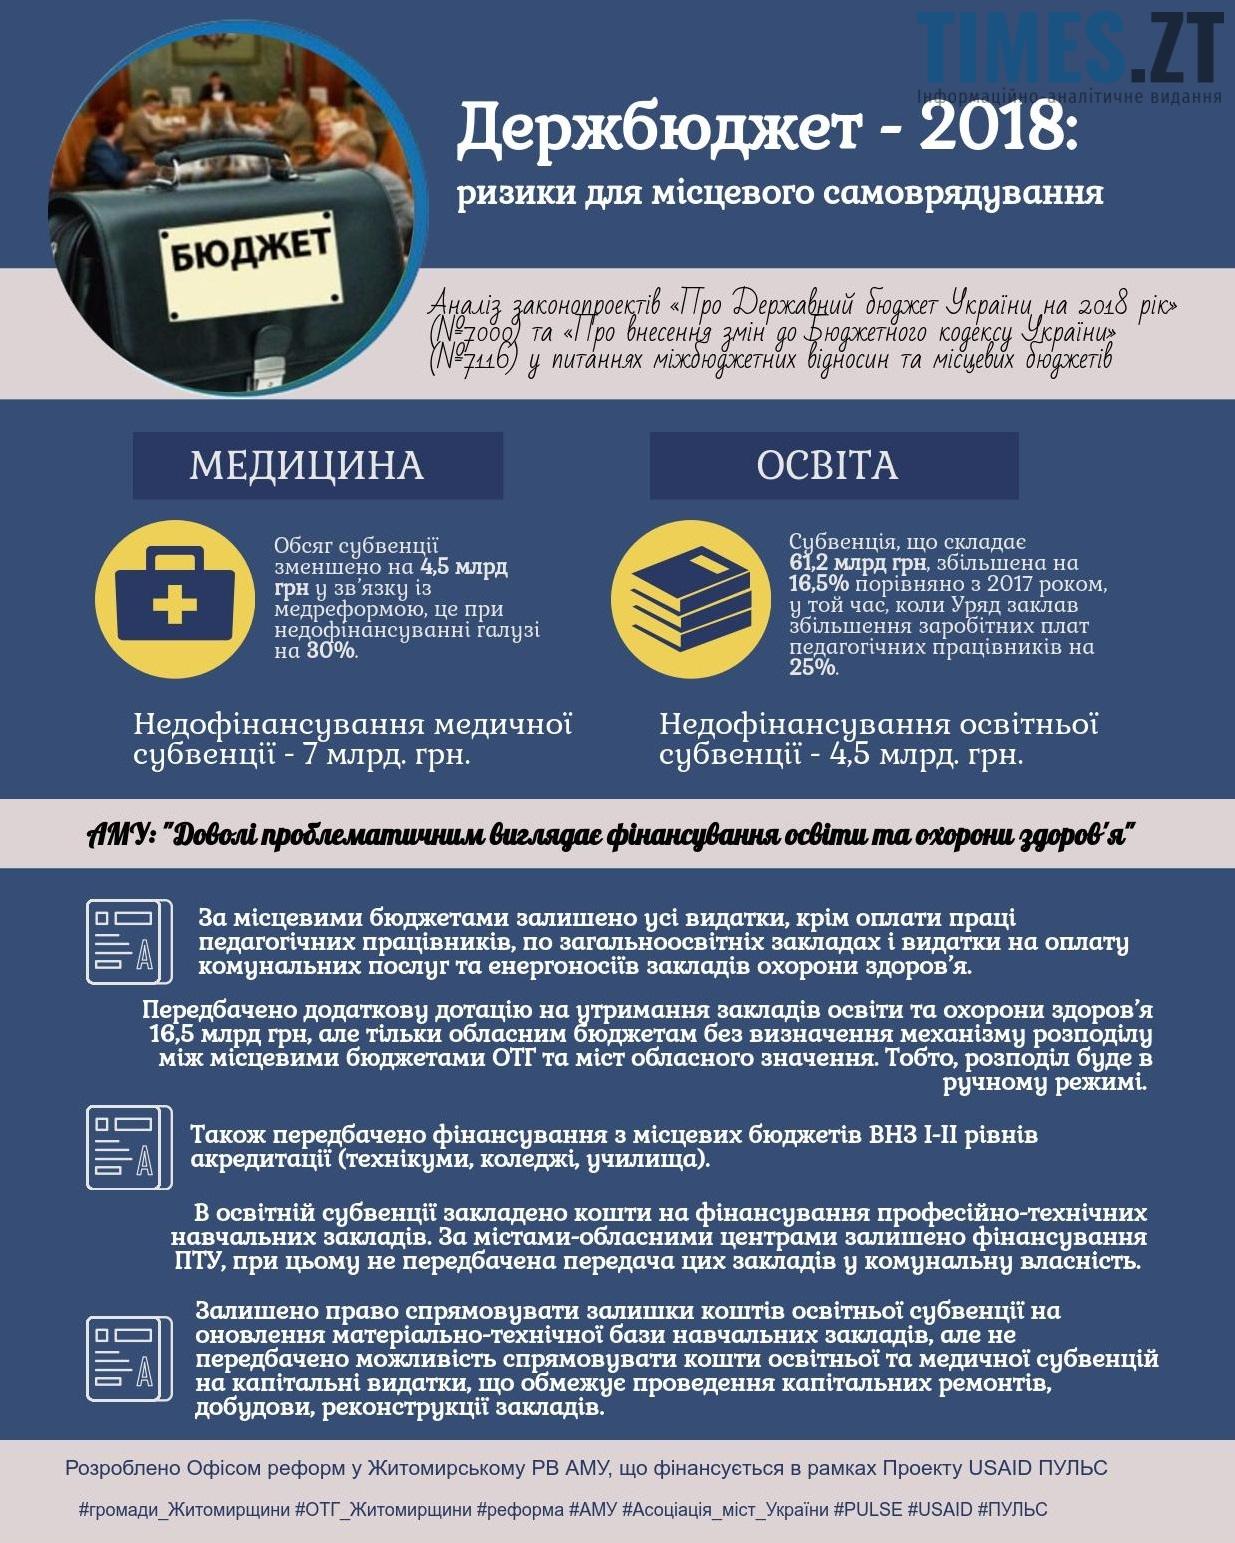 освіта 1 - Бюджет України -2018: черговий виклик для місцевого самоврядування